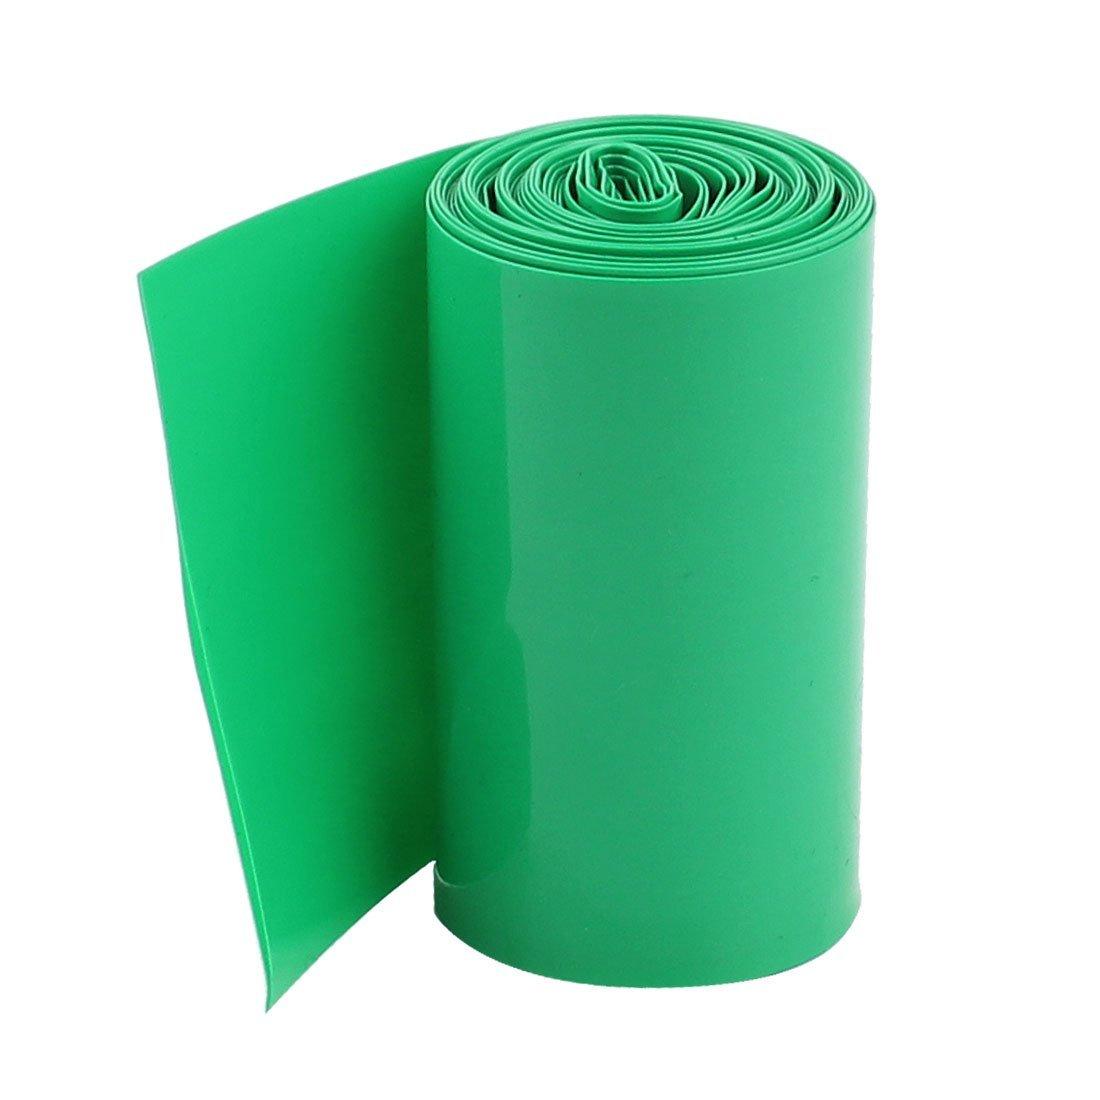 Cnim Горячая 2 м 50 мм темно-зеленый ПВХ термоусадочные трубки Обёрточная бумага для 2×18650 Батарея